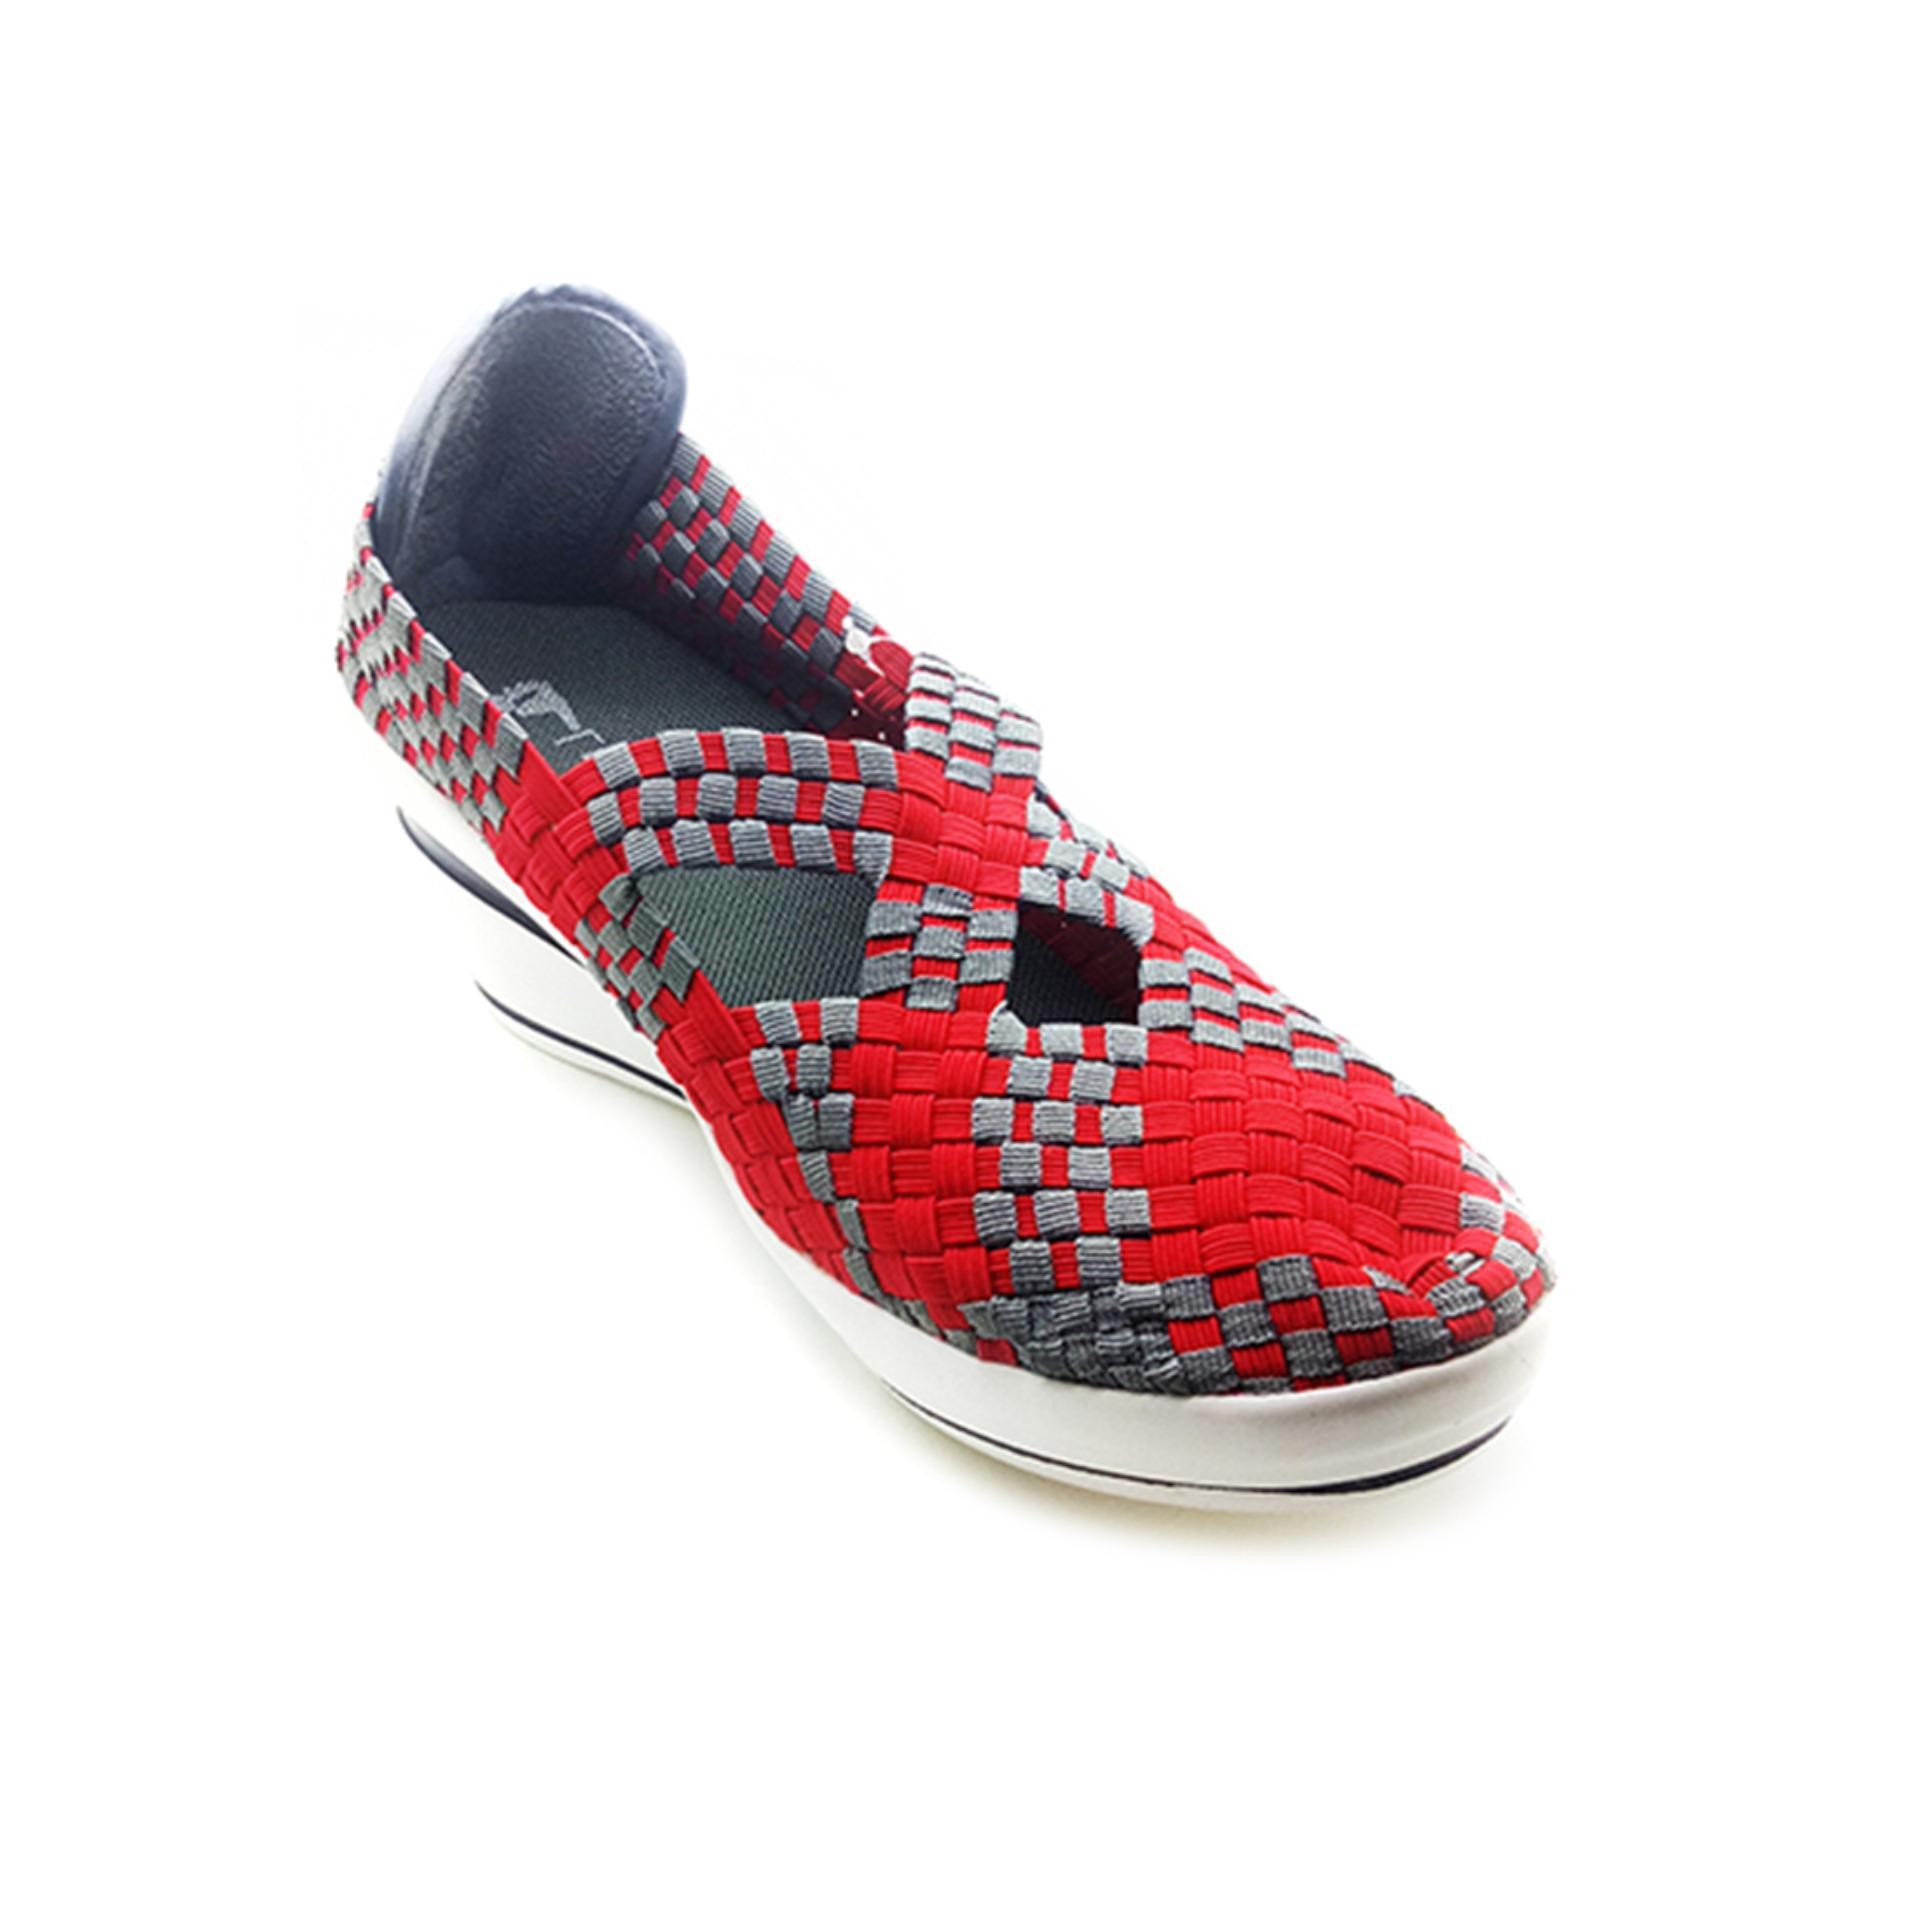 Lulia Wedges Sepatu Rajut Vs3222 Merah Terbaru